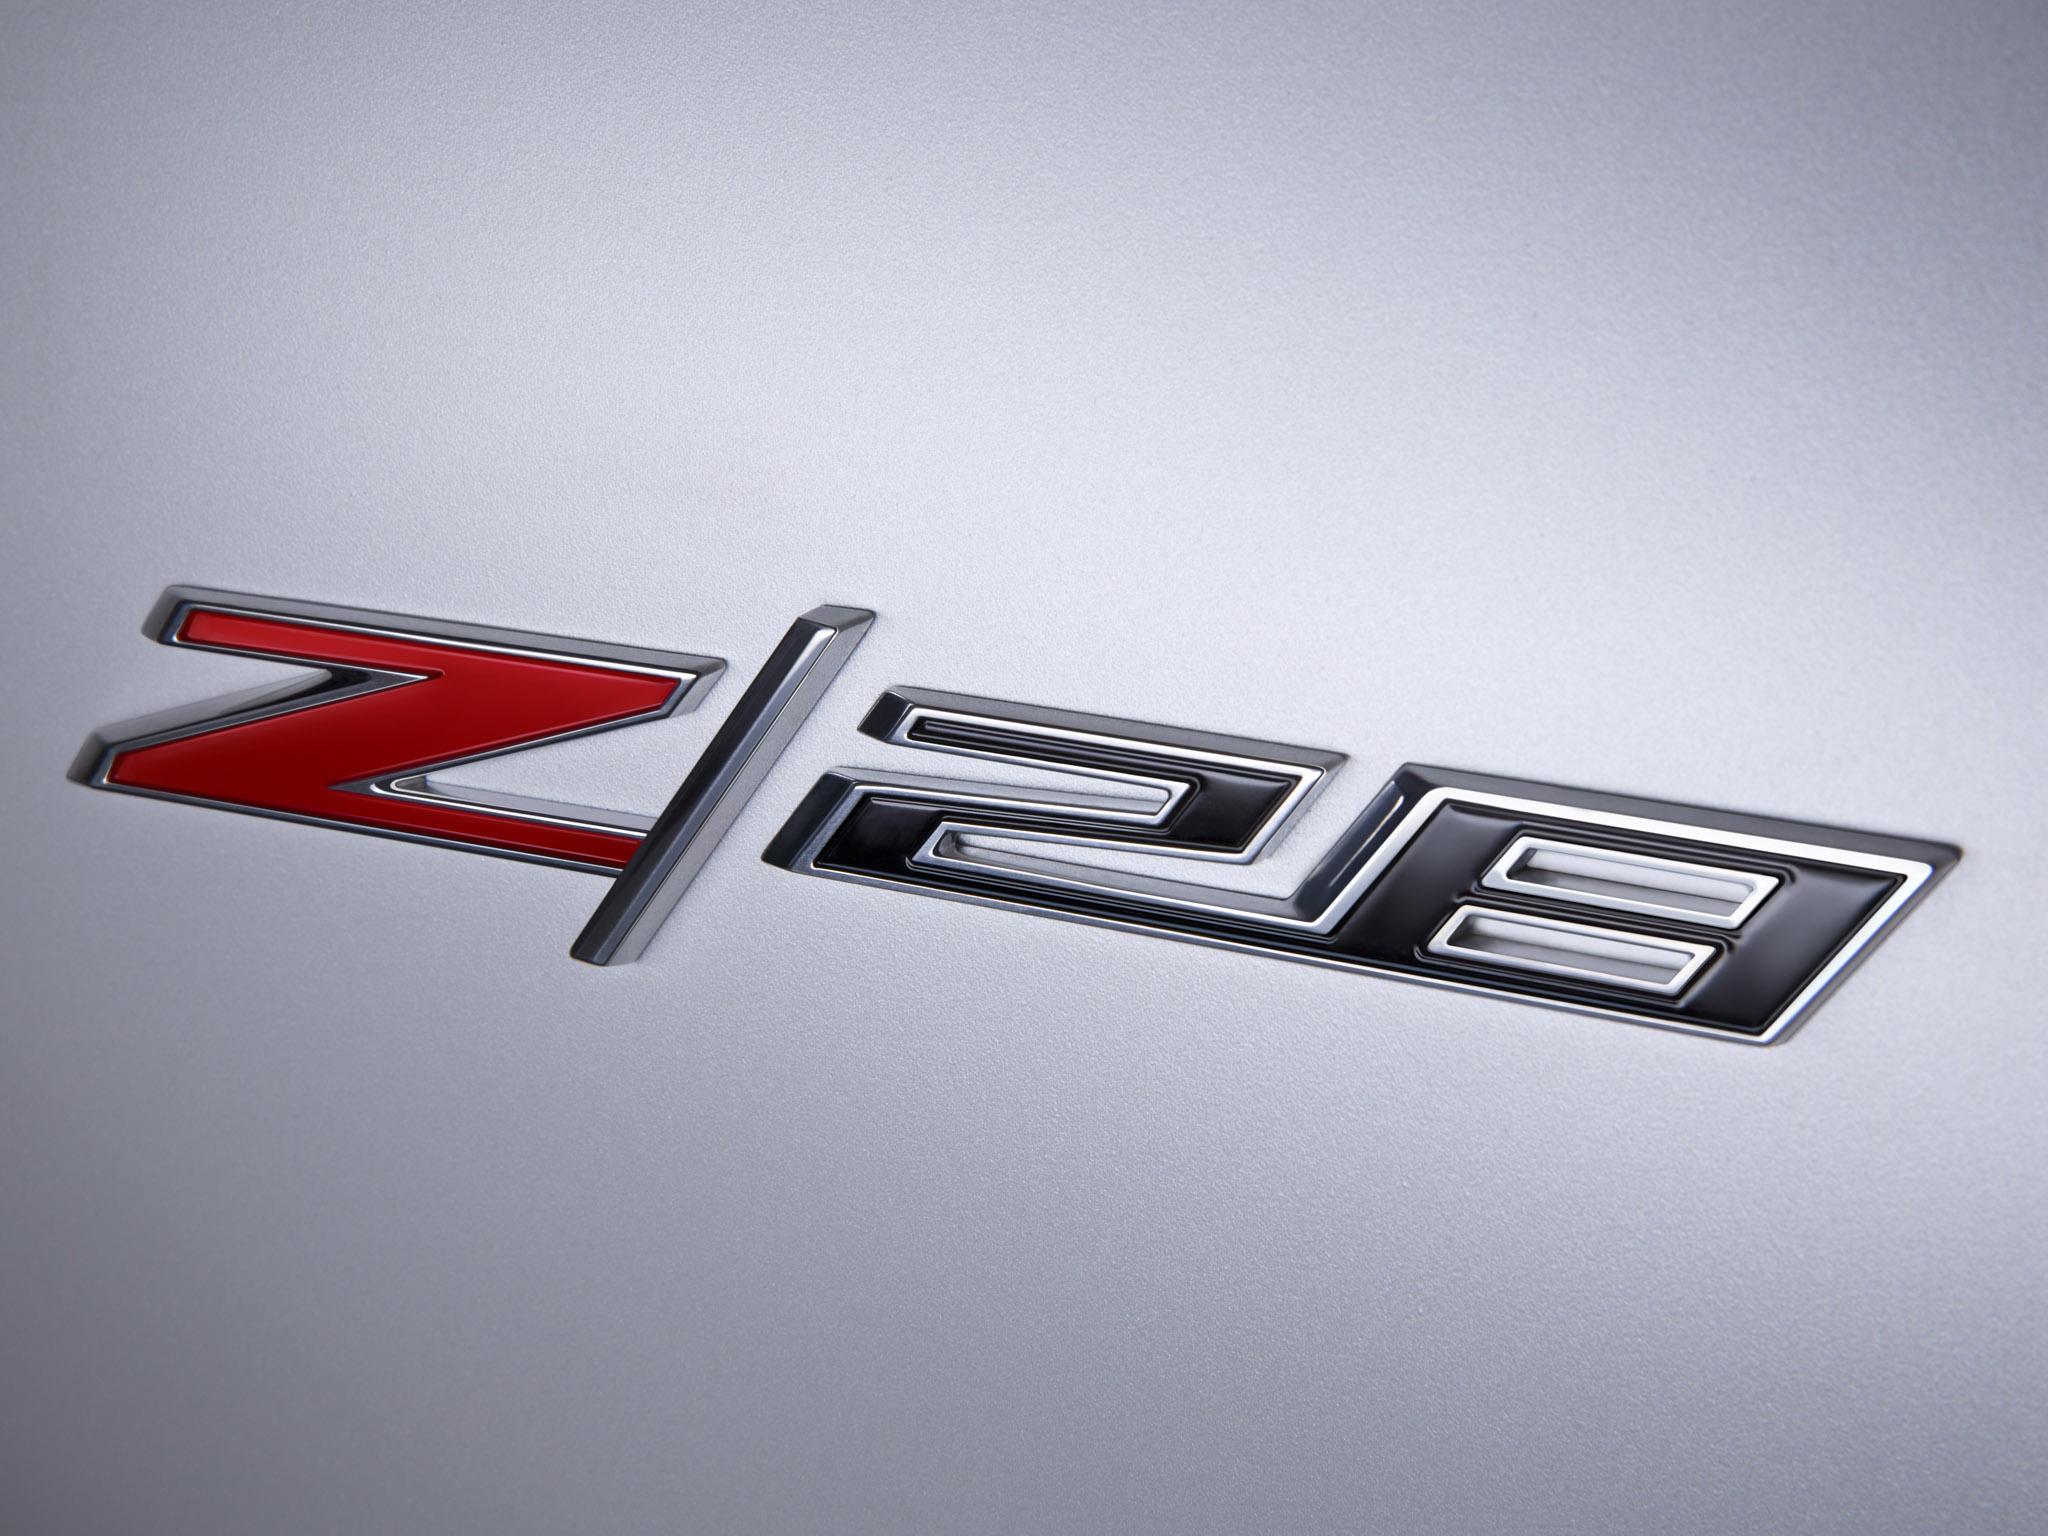 2014 Chevrolet Camaro Z28 2048x1536